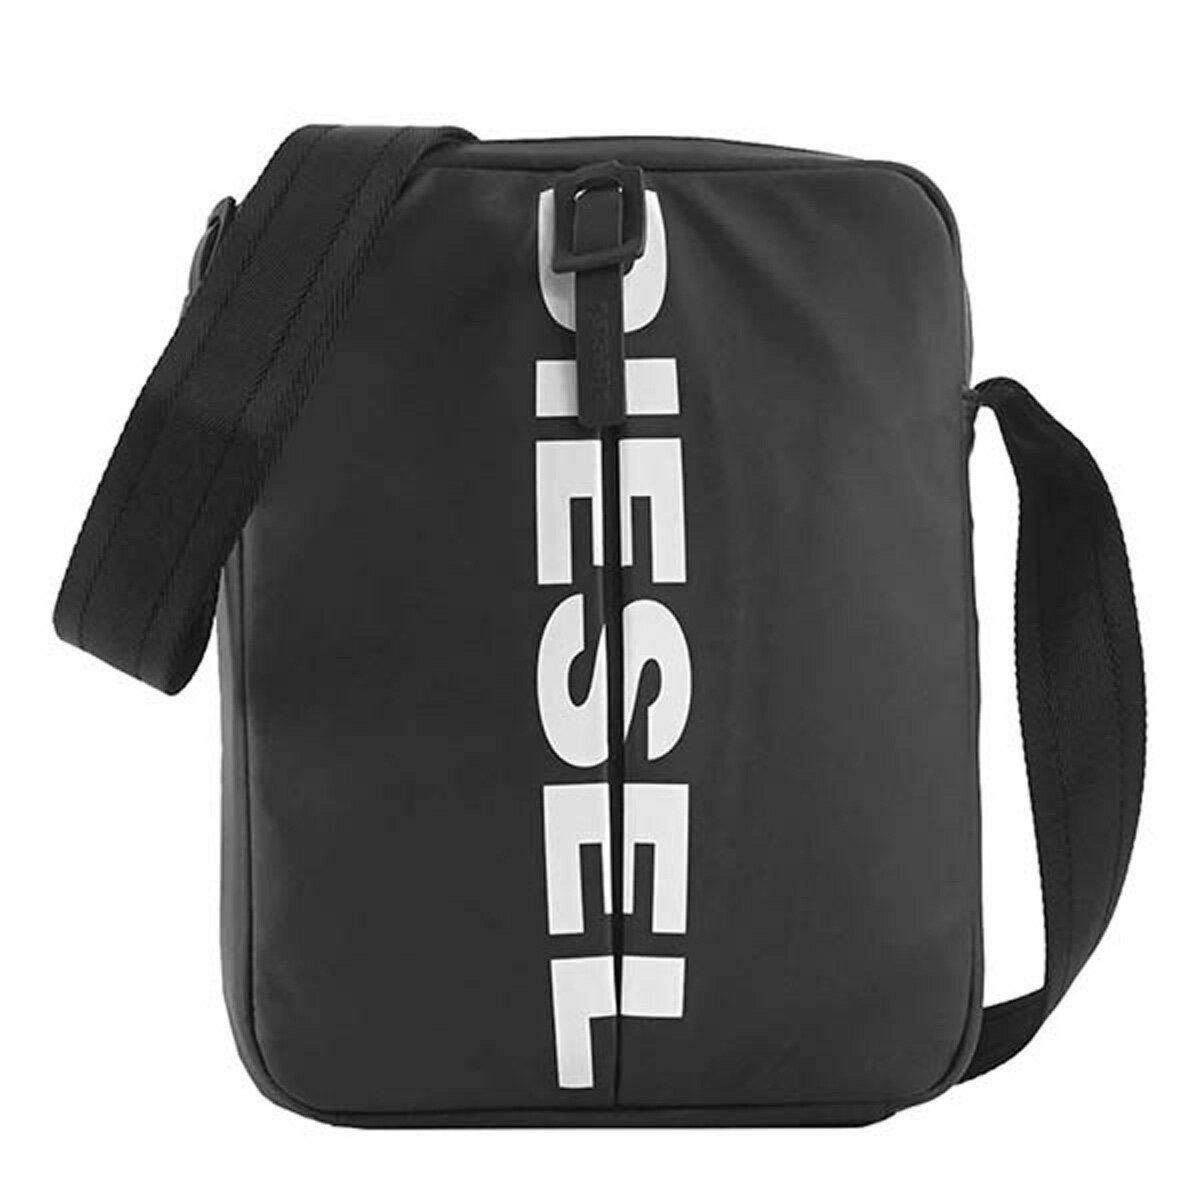 ディーゼル DIESEL バッグ X05478 P1705 T8013 F-BOLD SMALL CROSS 斜めがけバッグ ショルダーバッグ スモール BLACK ブラック